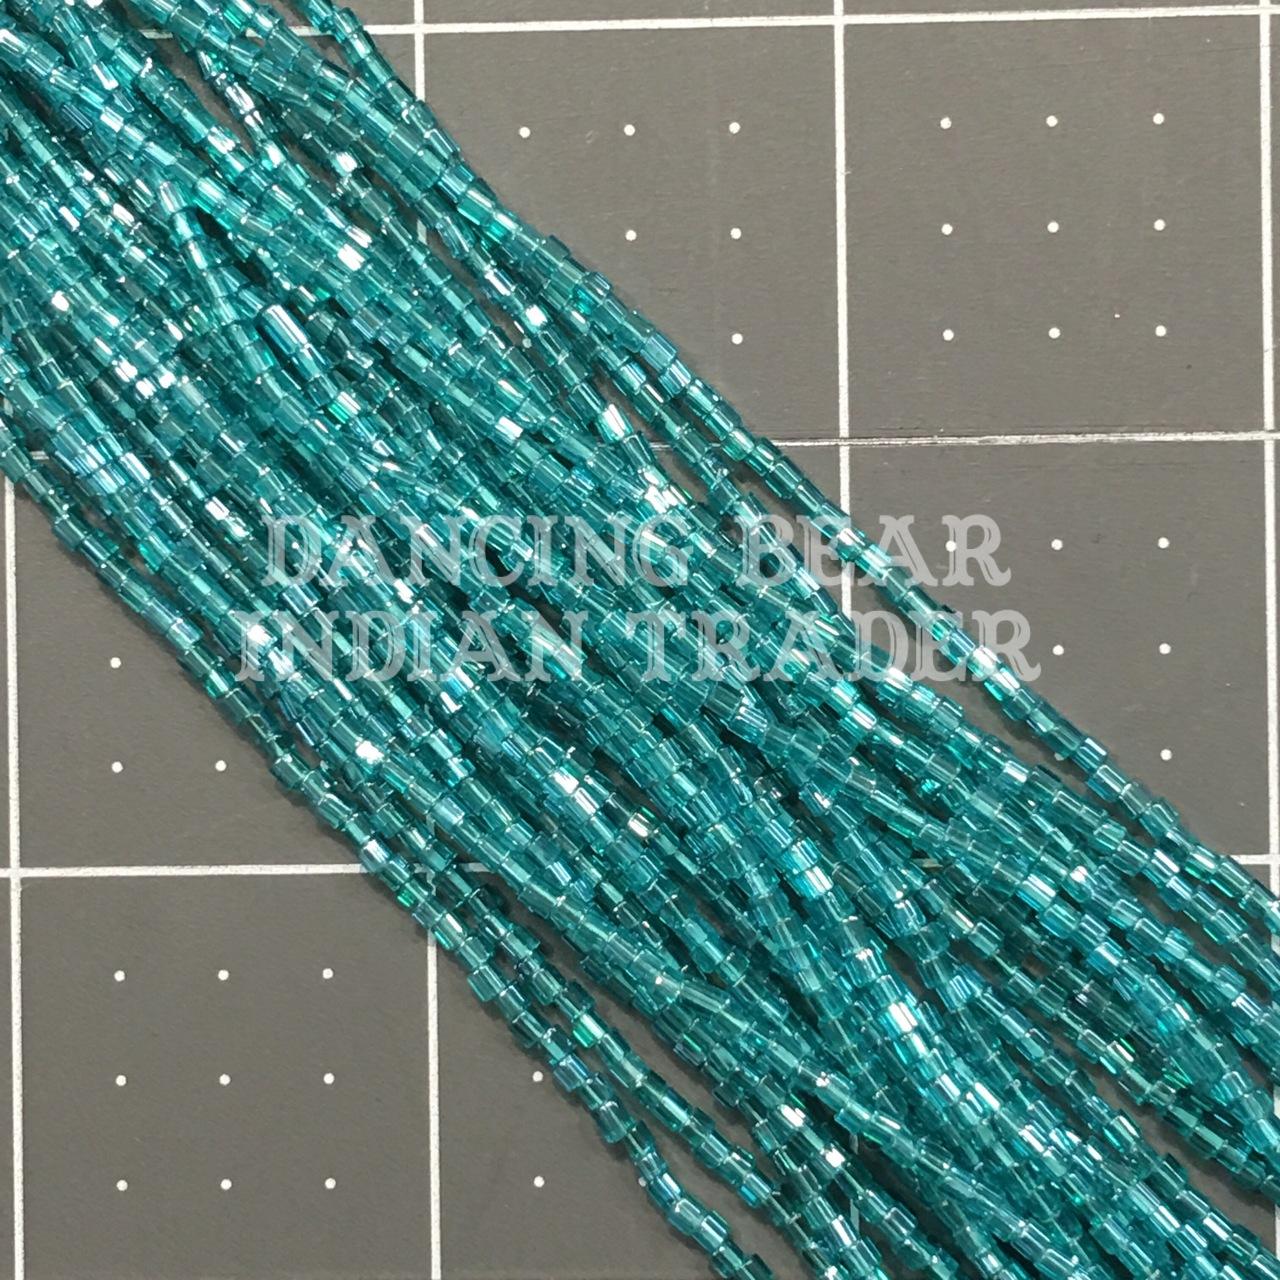 11/2-224L Green Aqua Luster TR